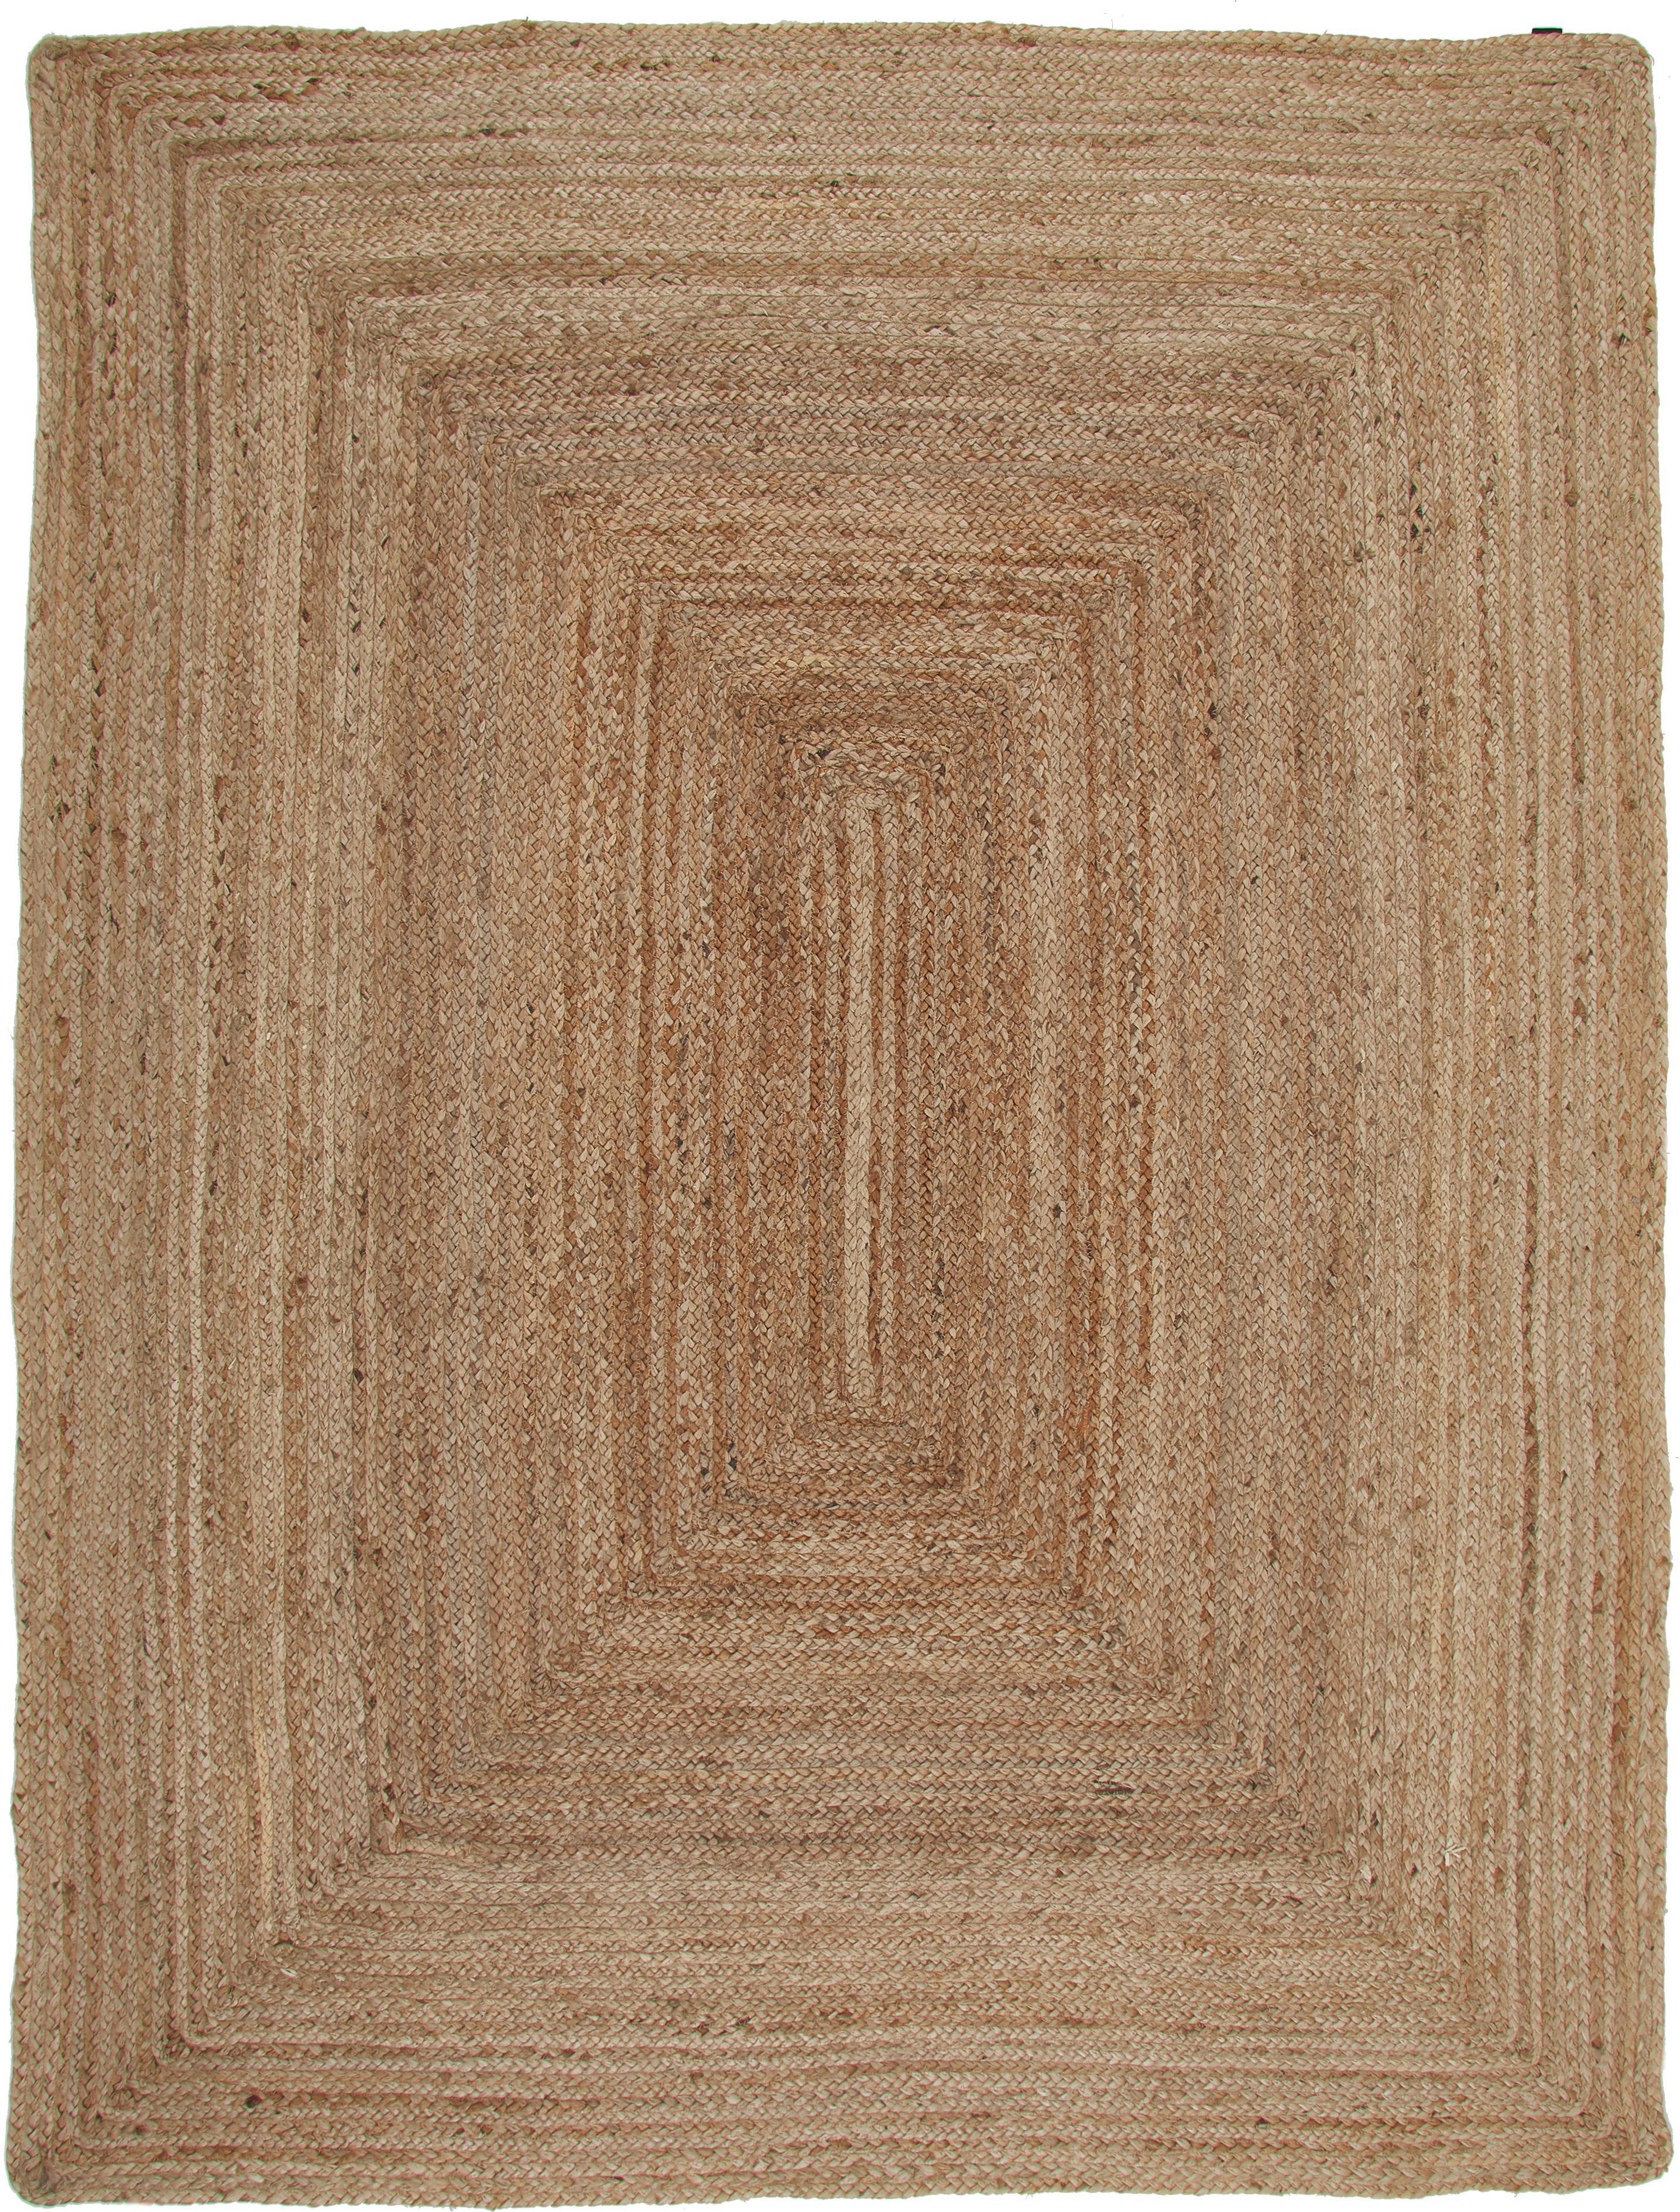 Juteteppich Ural, 100% Jute, Beige, B 150 x L 200 cm (Grösse S)